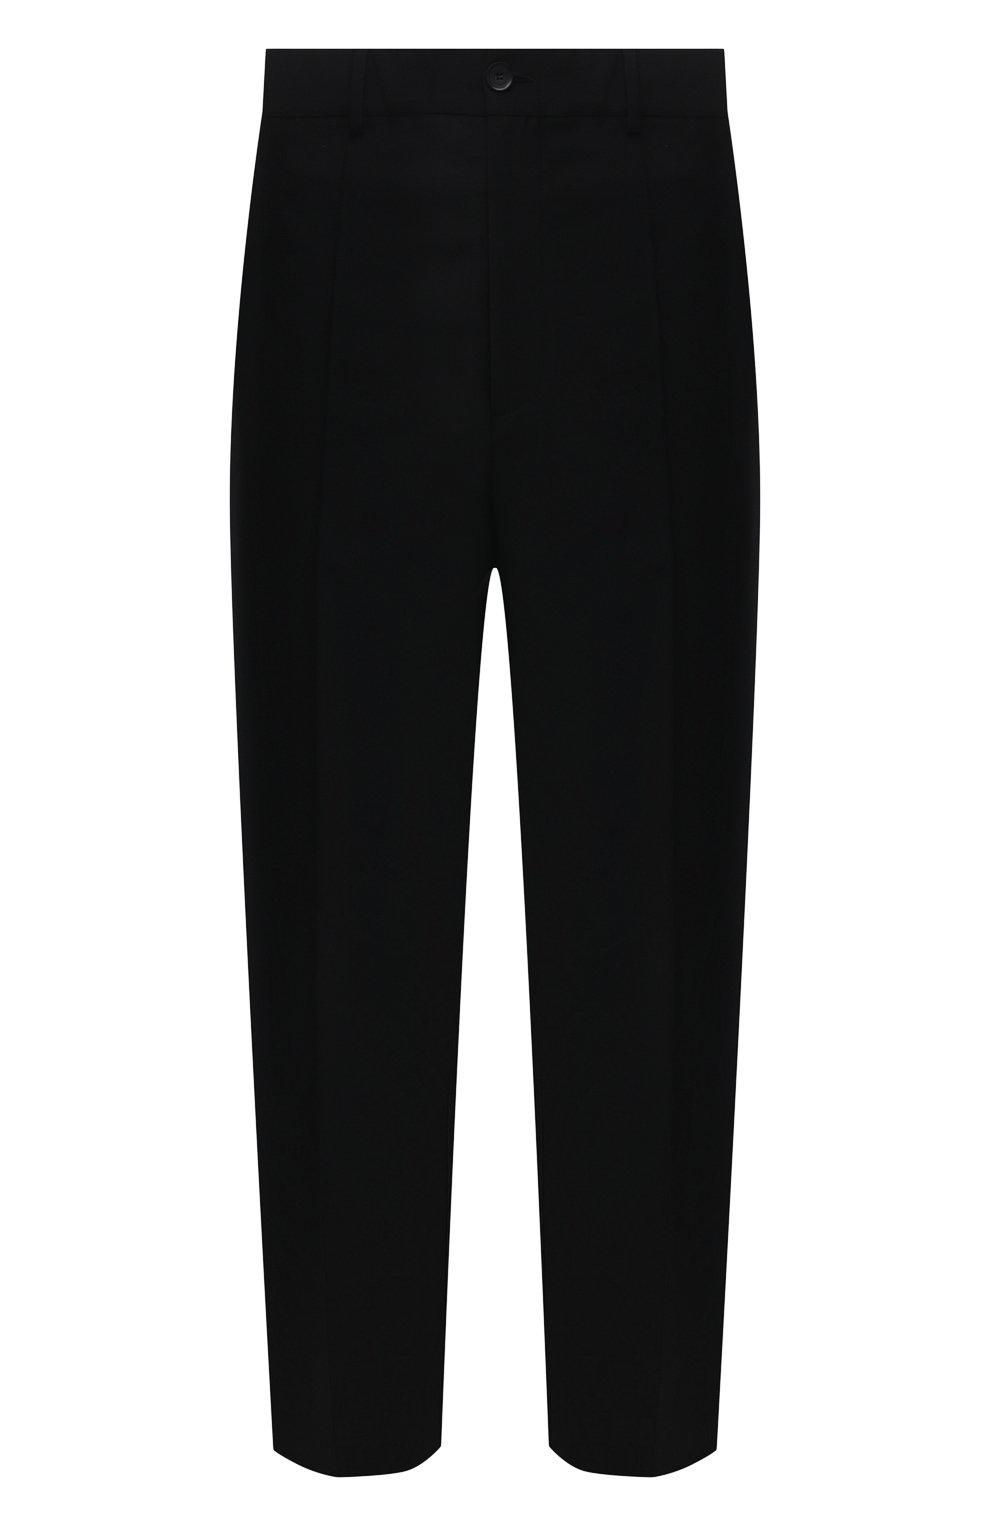 Мужские шерстяные брюки VALENTINO черного цвета, арт. WV3RBG9025S   Фото 1 (Материал внешний: Шерсть; Длина (брюки, джинсы): Стандартные; Случай: Повседневный; Стили: Минимализм)